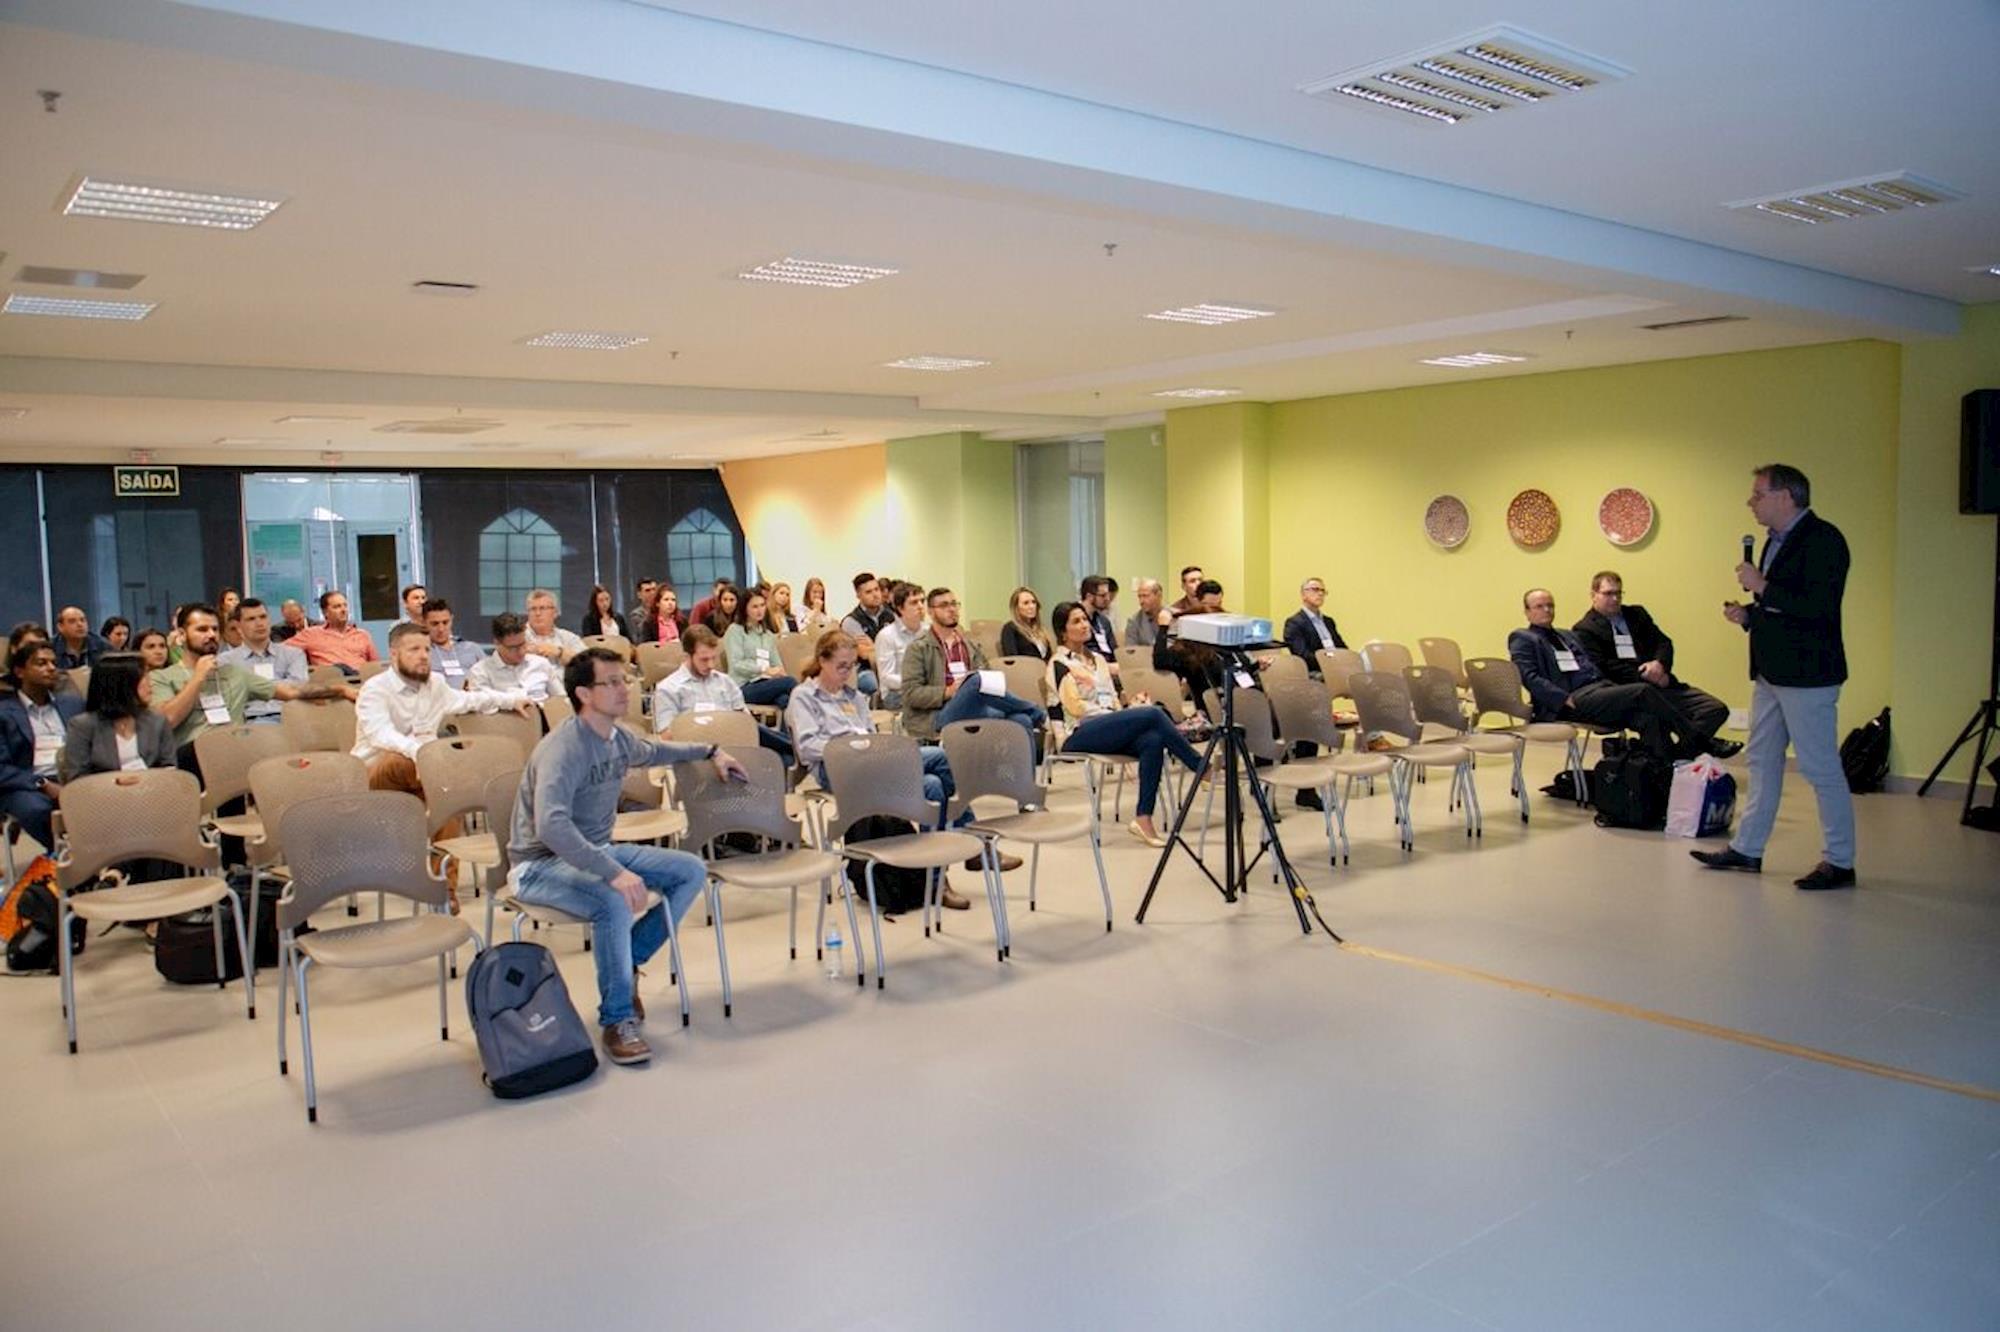 ÁLBUM DE FOTOS - Confira o primeiro dia da AveSui EuroTier , ÁLBUM DE FOTOS - Confira o primeiro dia da AveSui EuroTier